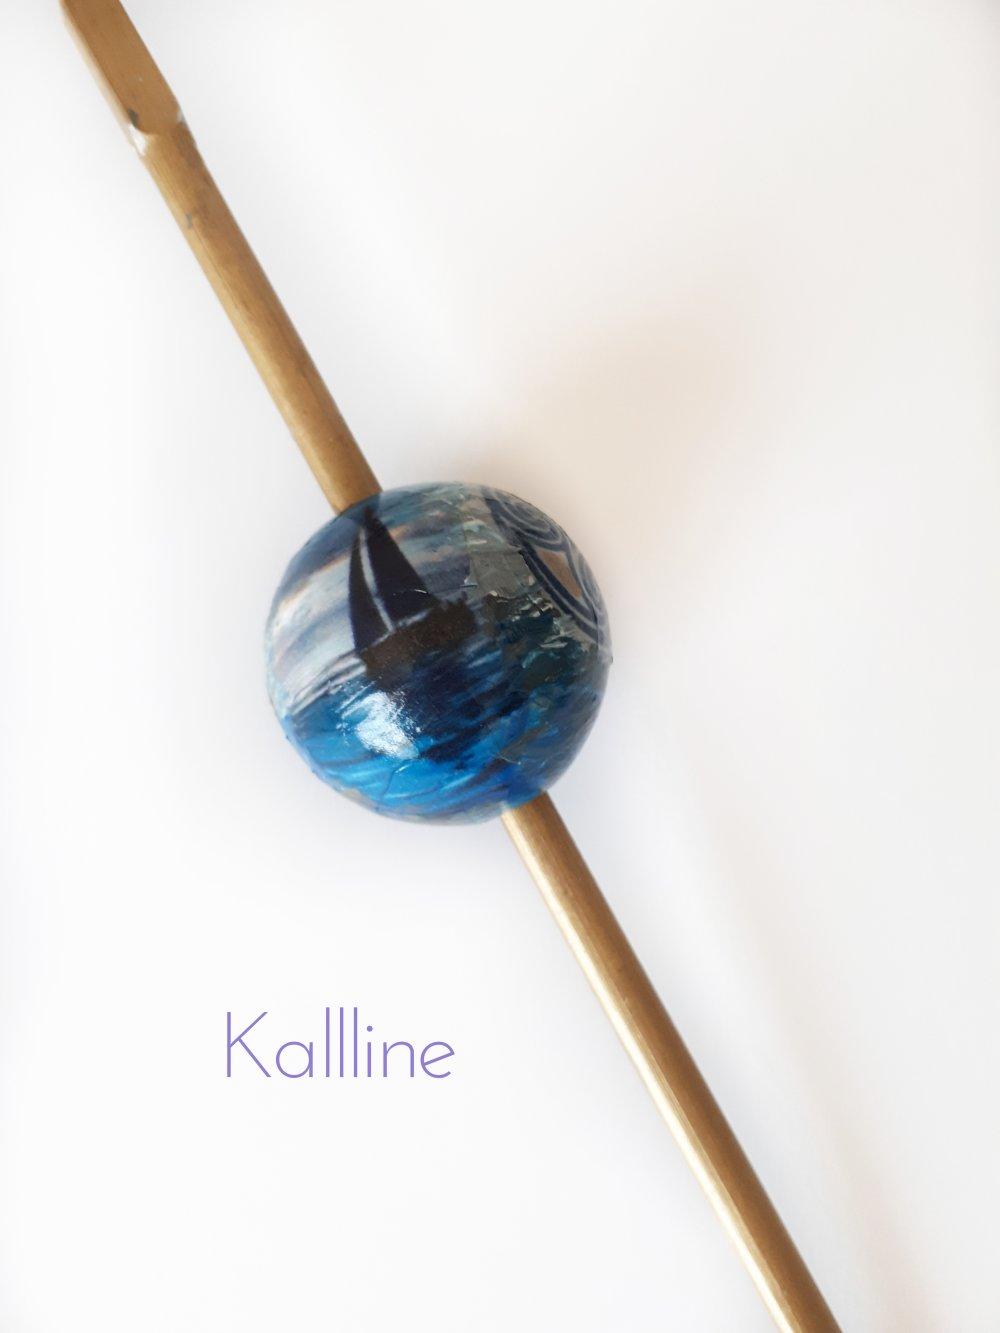 Perles artisanales sur bois Kallline  bateaux